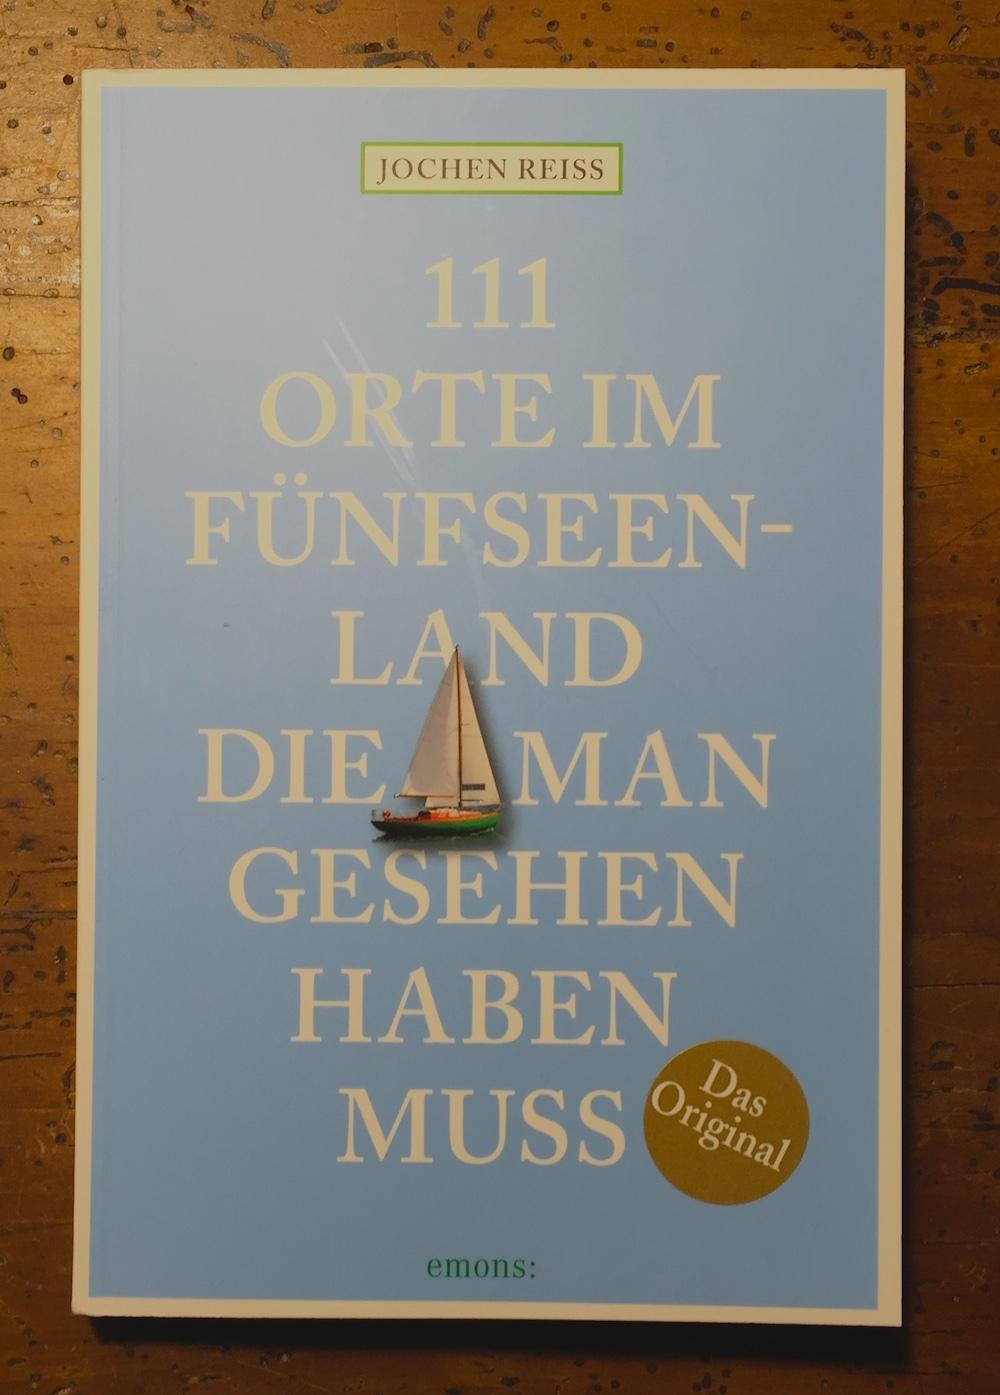 """Das Stellwerk einer der """"111 Orte im Fünfseenland die man gesehen haben muss"""""""